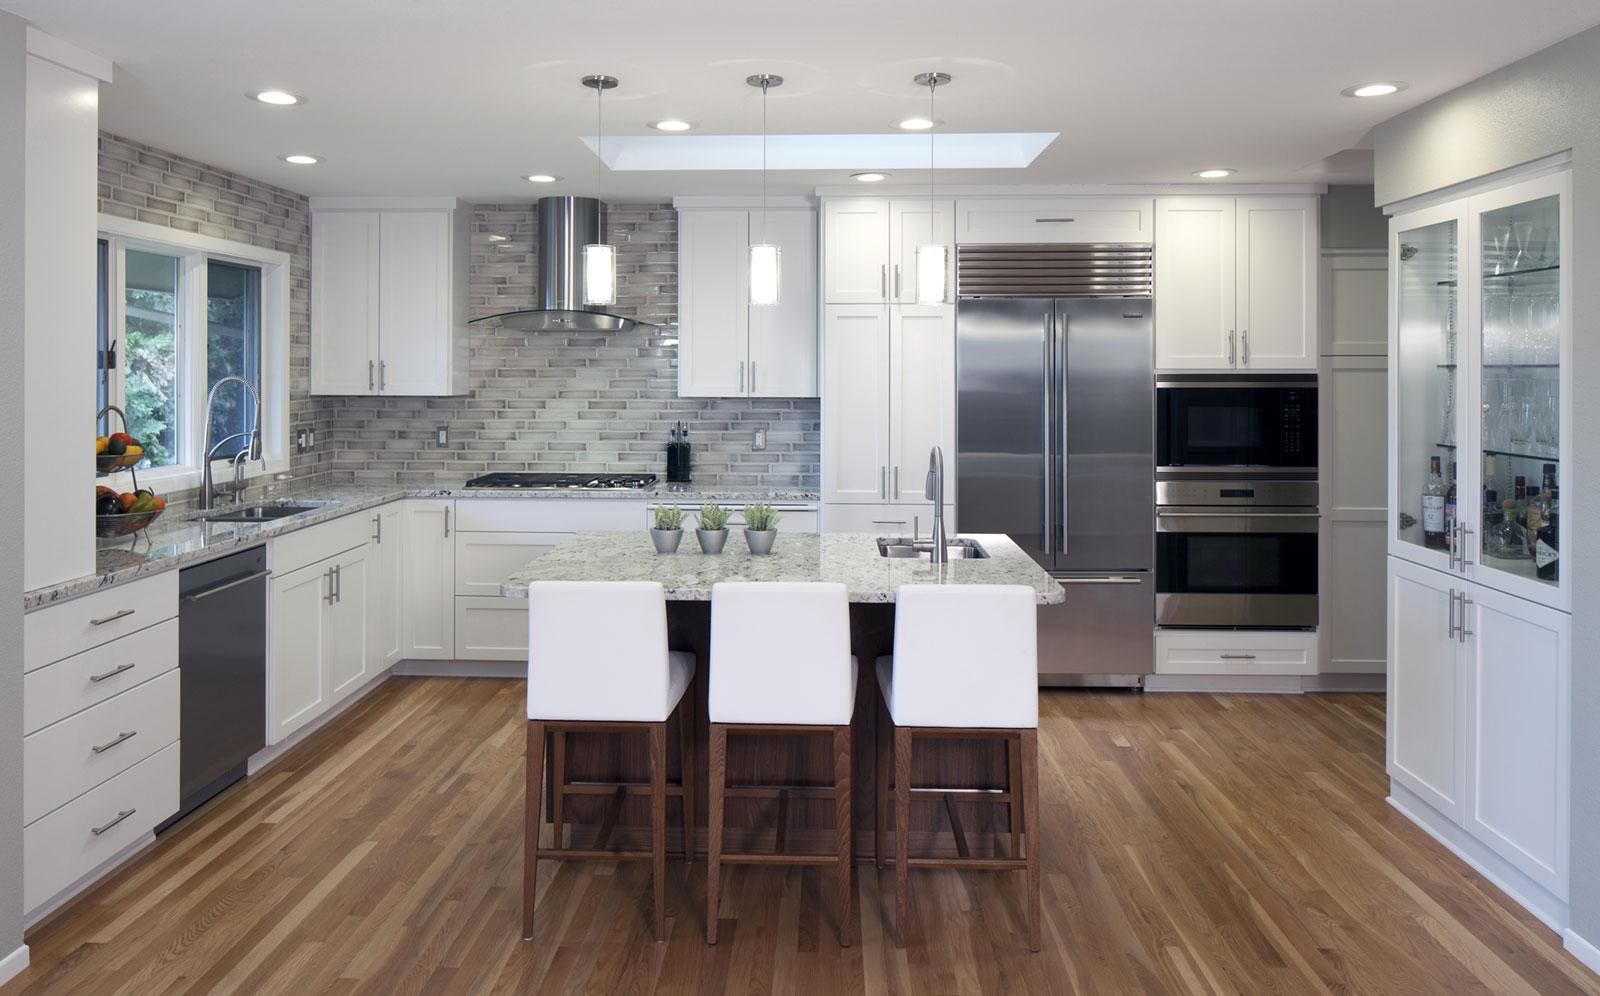 contemporary kitchen remodel, home remodeler - Henderer Design + Build, Corvallis OR